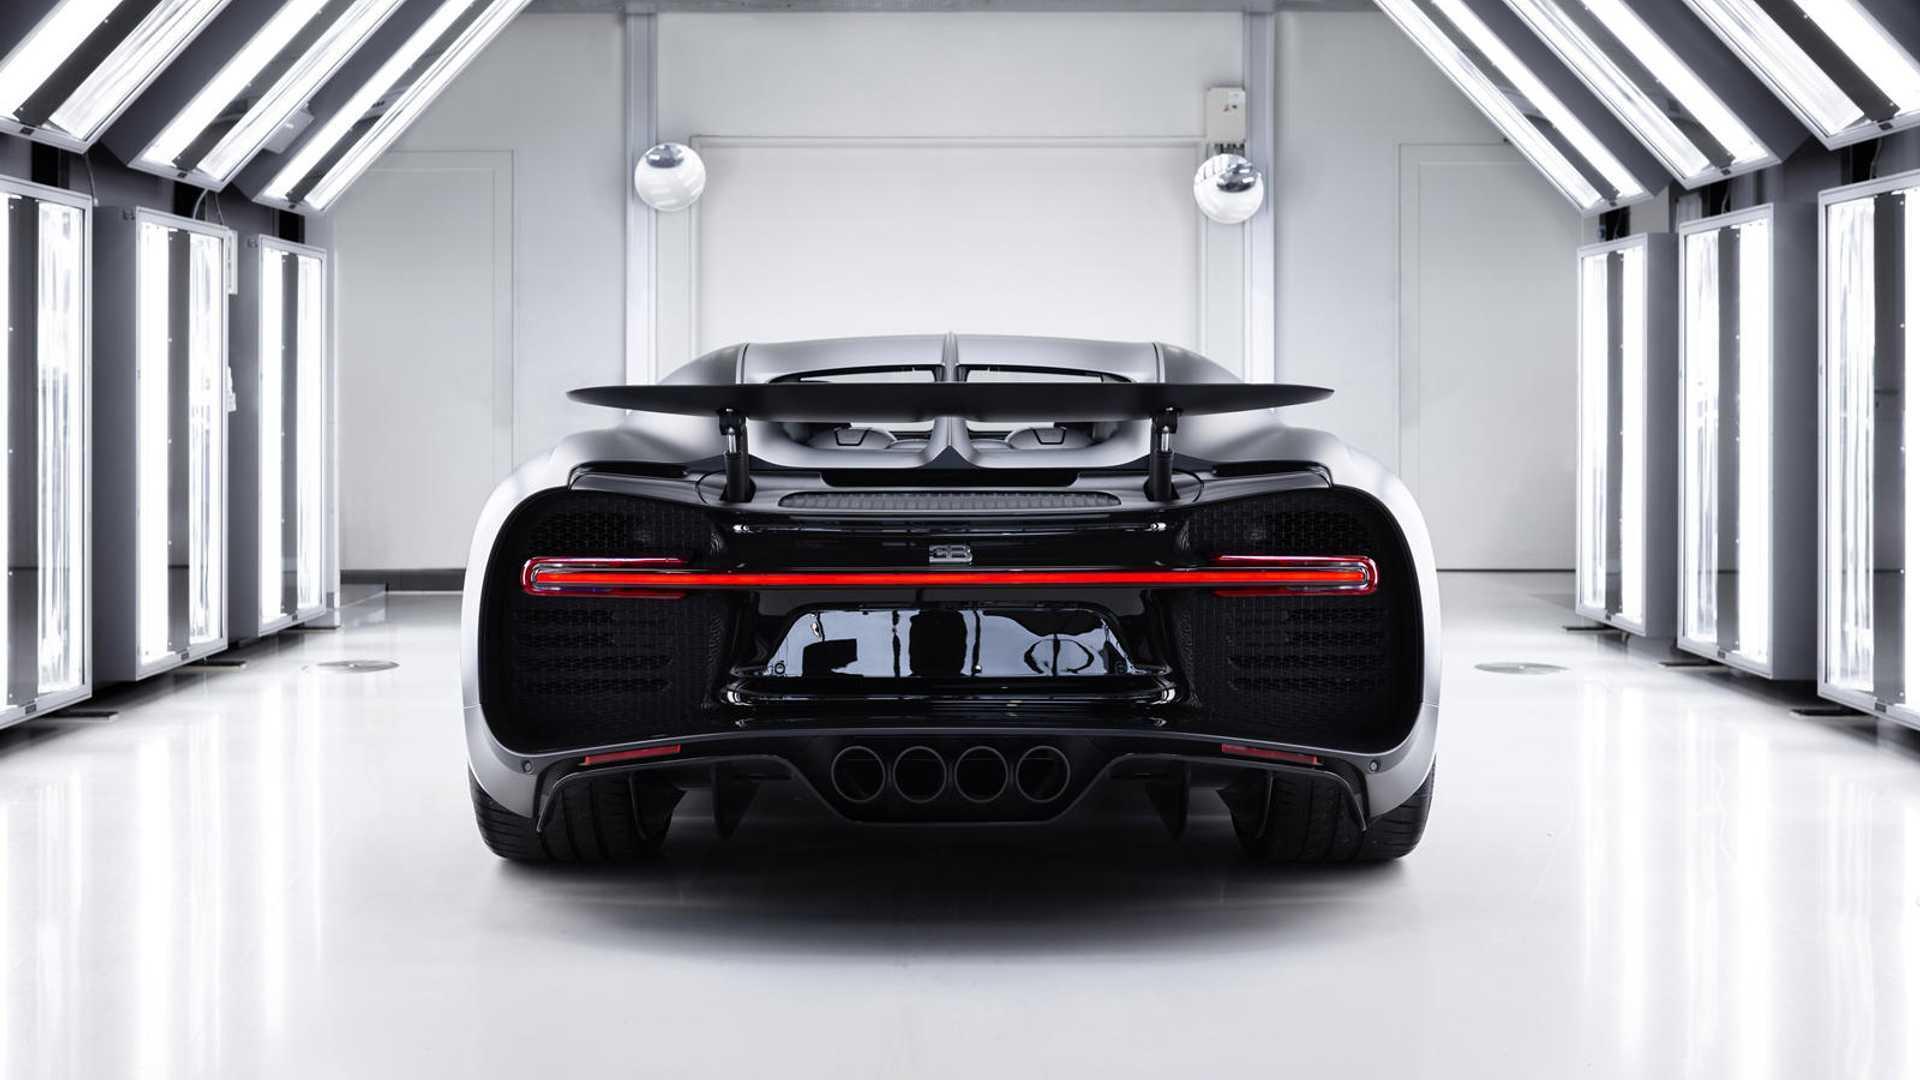 2016 - [Bugatti] Chiron  - Page 19 Bugatti-chiron-edition-noire-sportive